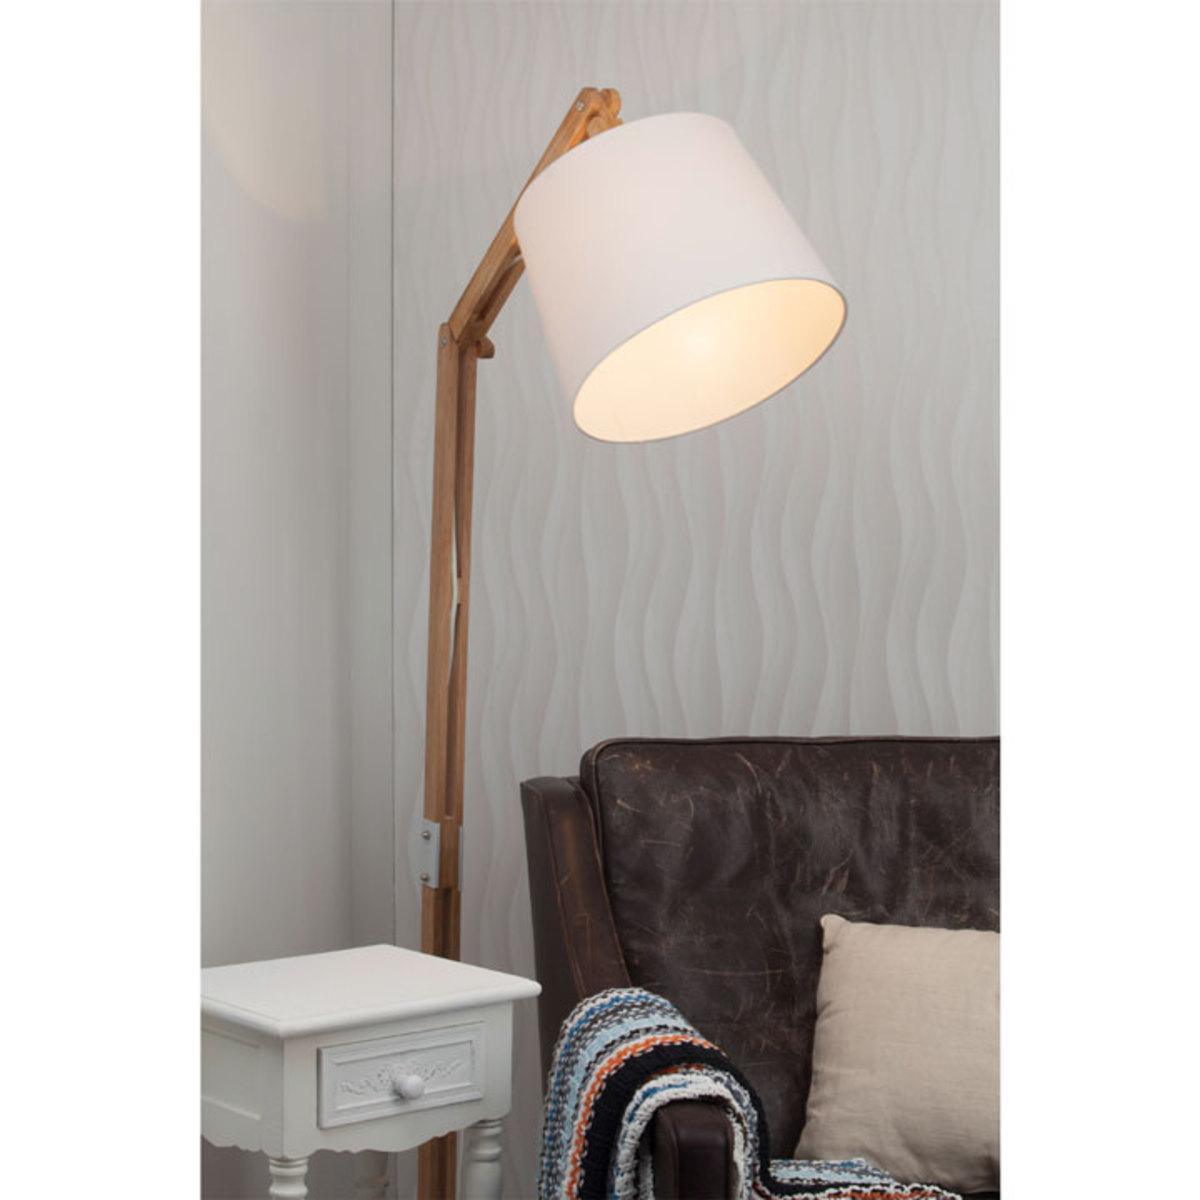 Acheter un lampadaire Le monde de Léa